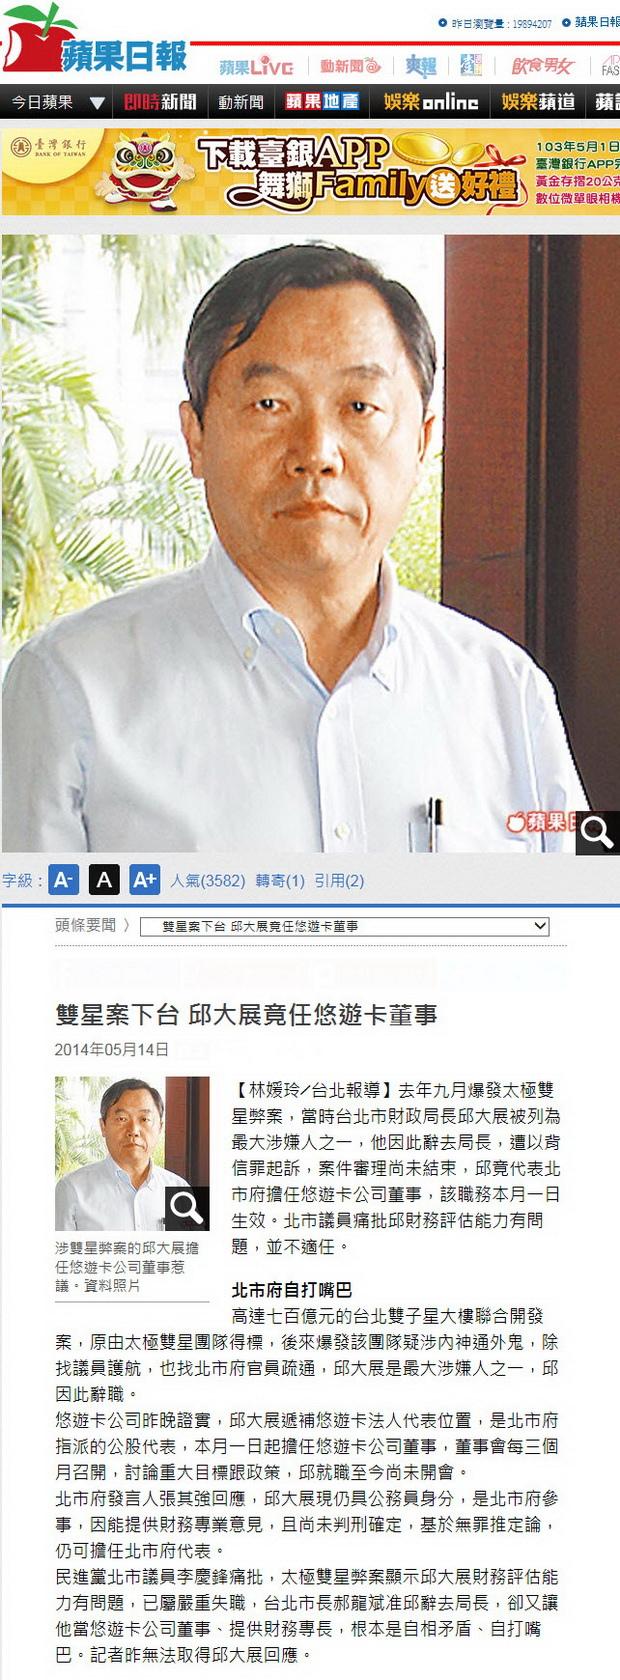 雙星案下台 邱大展竟任悠遊卡董事-2014.05.14.jpg